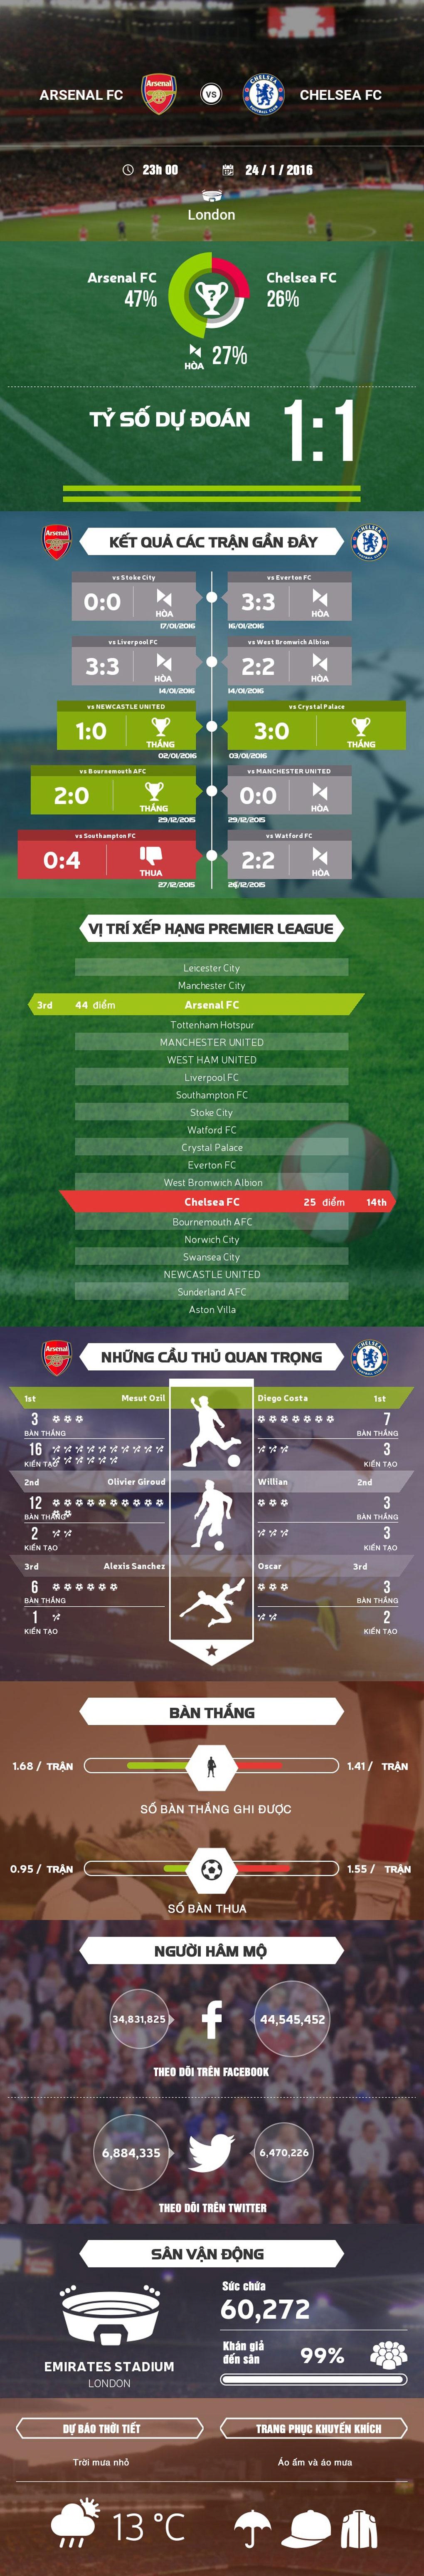 Arsenal - Chelsea: Oezil giup 'Phao thu' tro lai ngoi dau? hinh anh 1